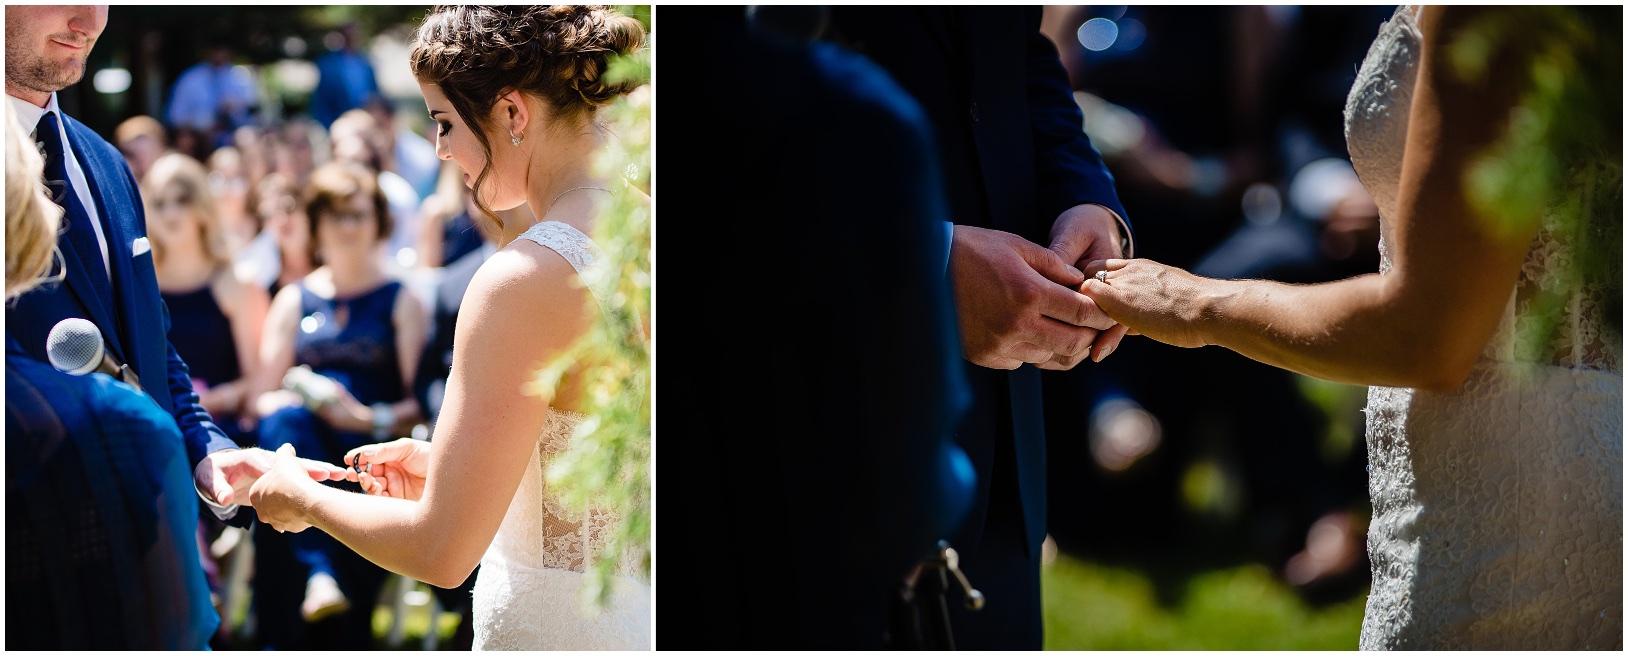 lindseyjanephotography_wedding0026.jpg